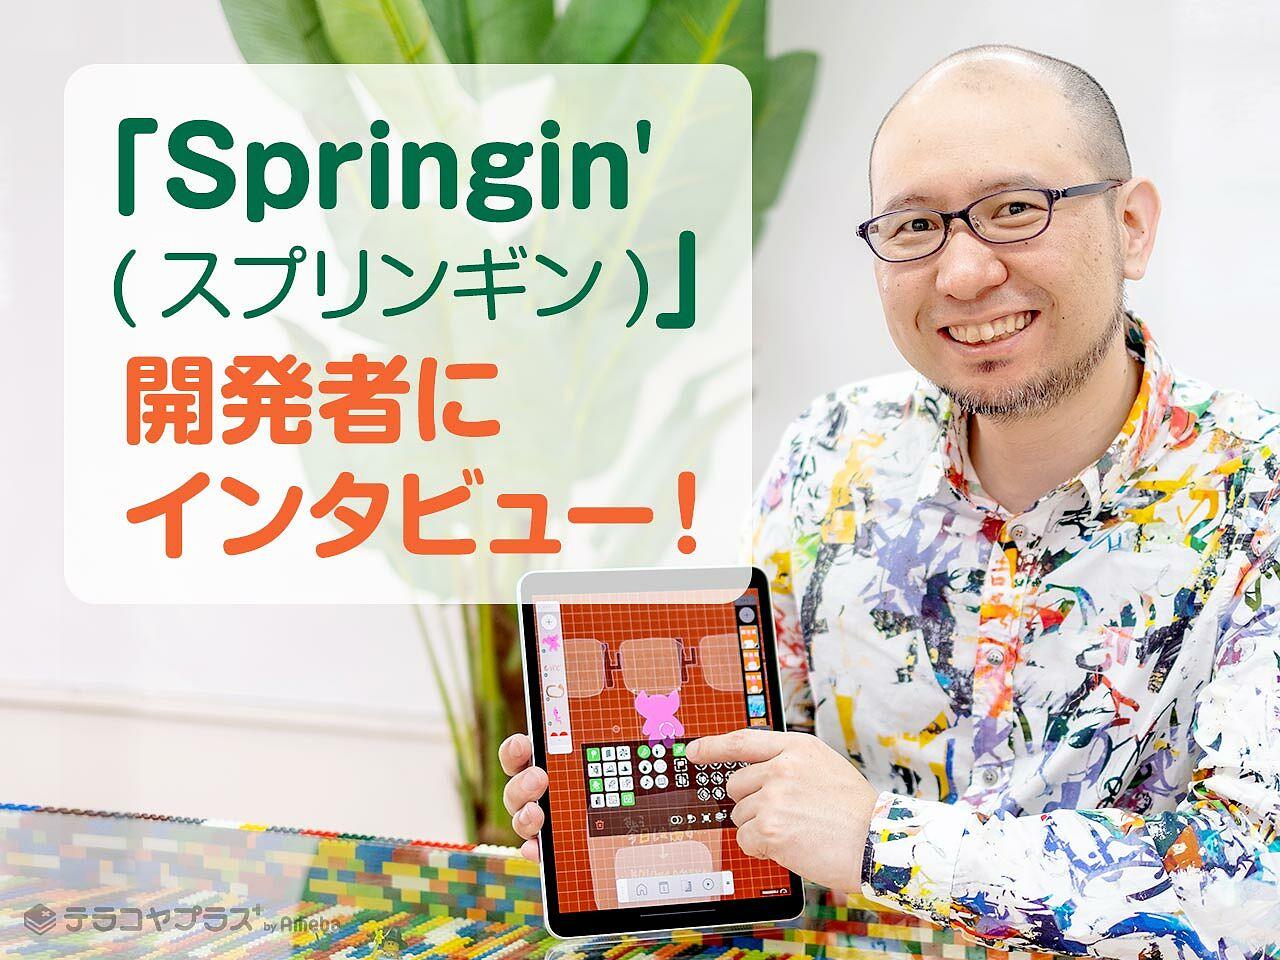 遊びながらプログラミングが学べる「Springin'(スプリンギン)」で子どもをクリエイターに!の画像